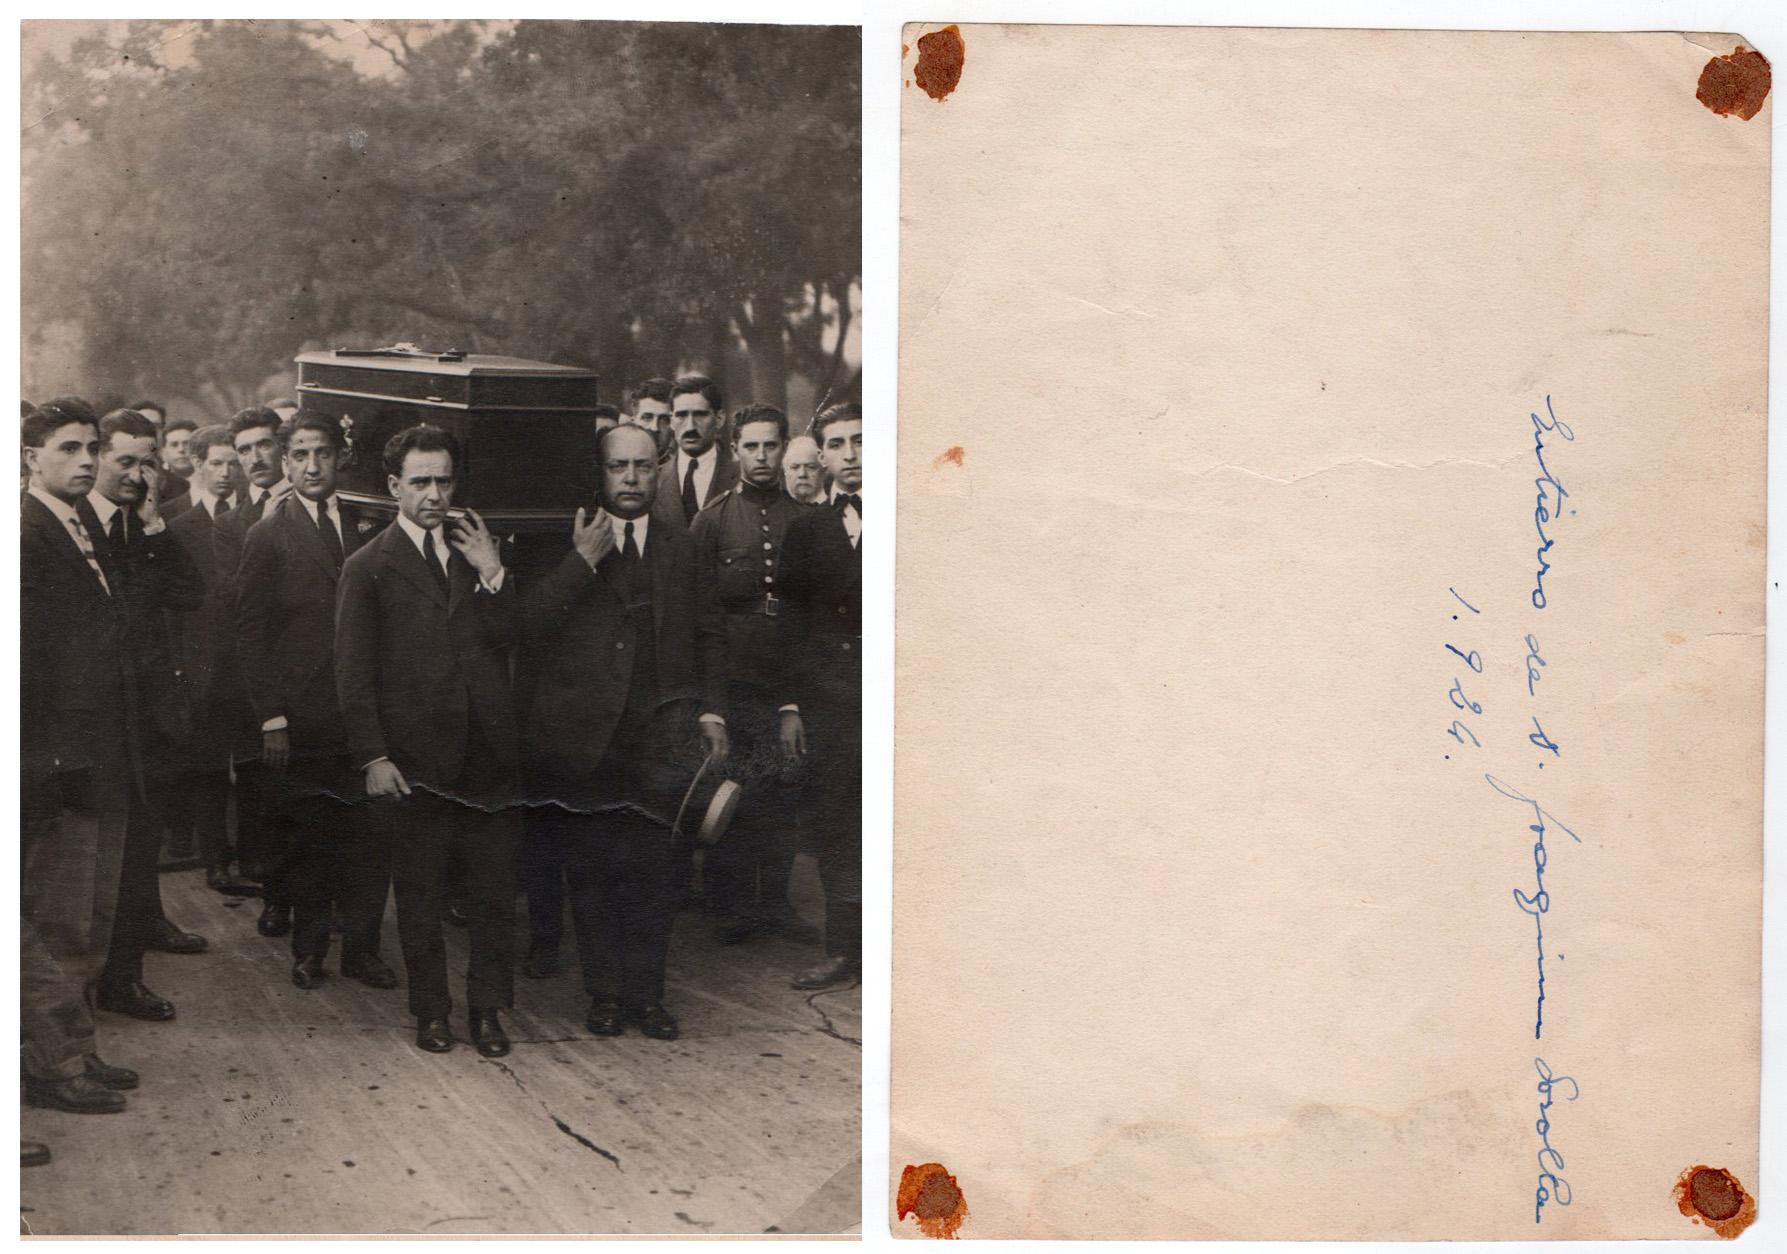 Positivado de época de una foto anónima en la que aparece Pepe Campúa -el segundo a la izquierda- cargando con el féretro de su amigo y maestro, el pintor Joaquín Sorolla.